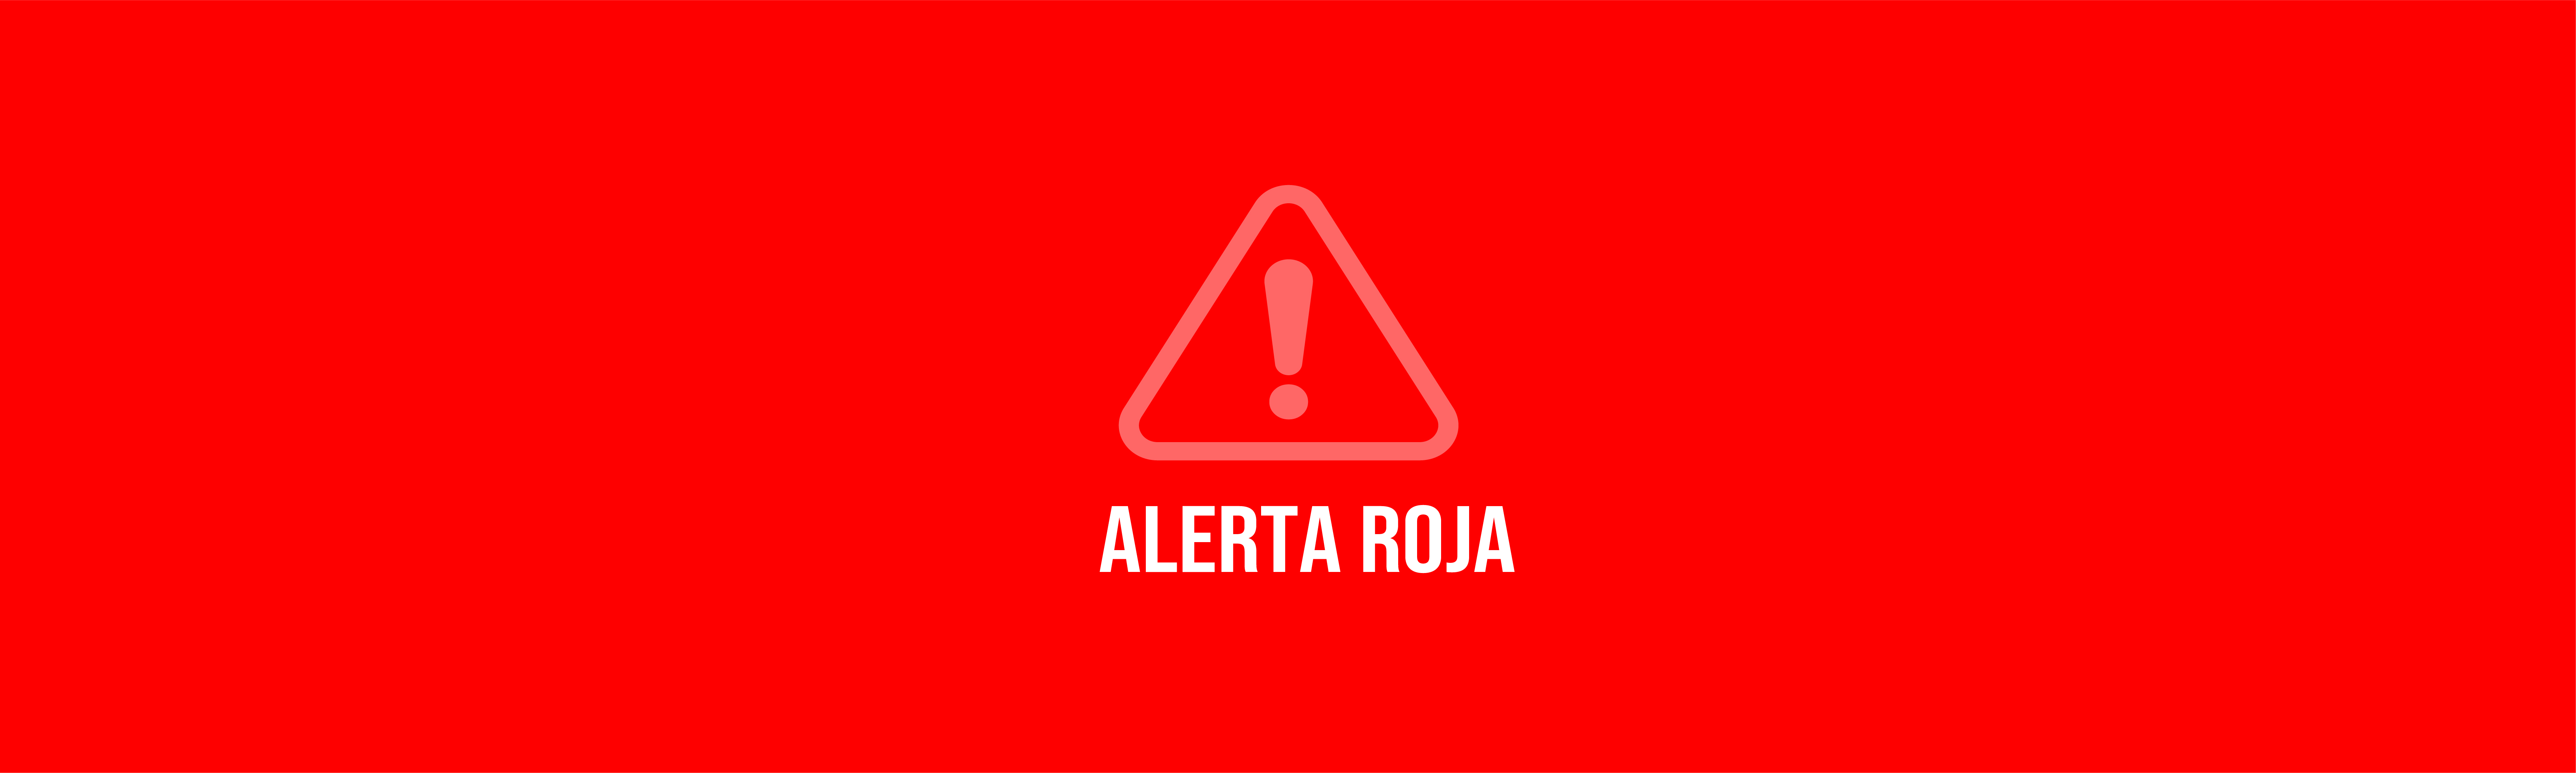 Director General de Protección Civil declara Alerta Roja en el área de la cárcava formada en la colonia Santa Lucía, municipio de  Ilopango, departamento de San Salvador, 30/MAYO/2019